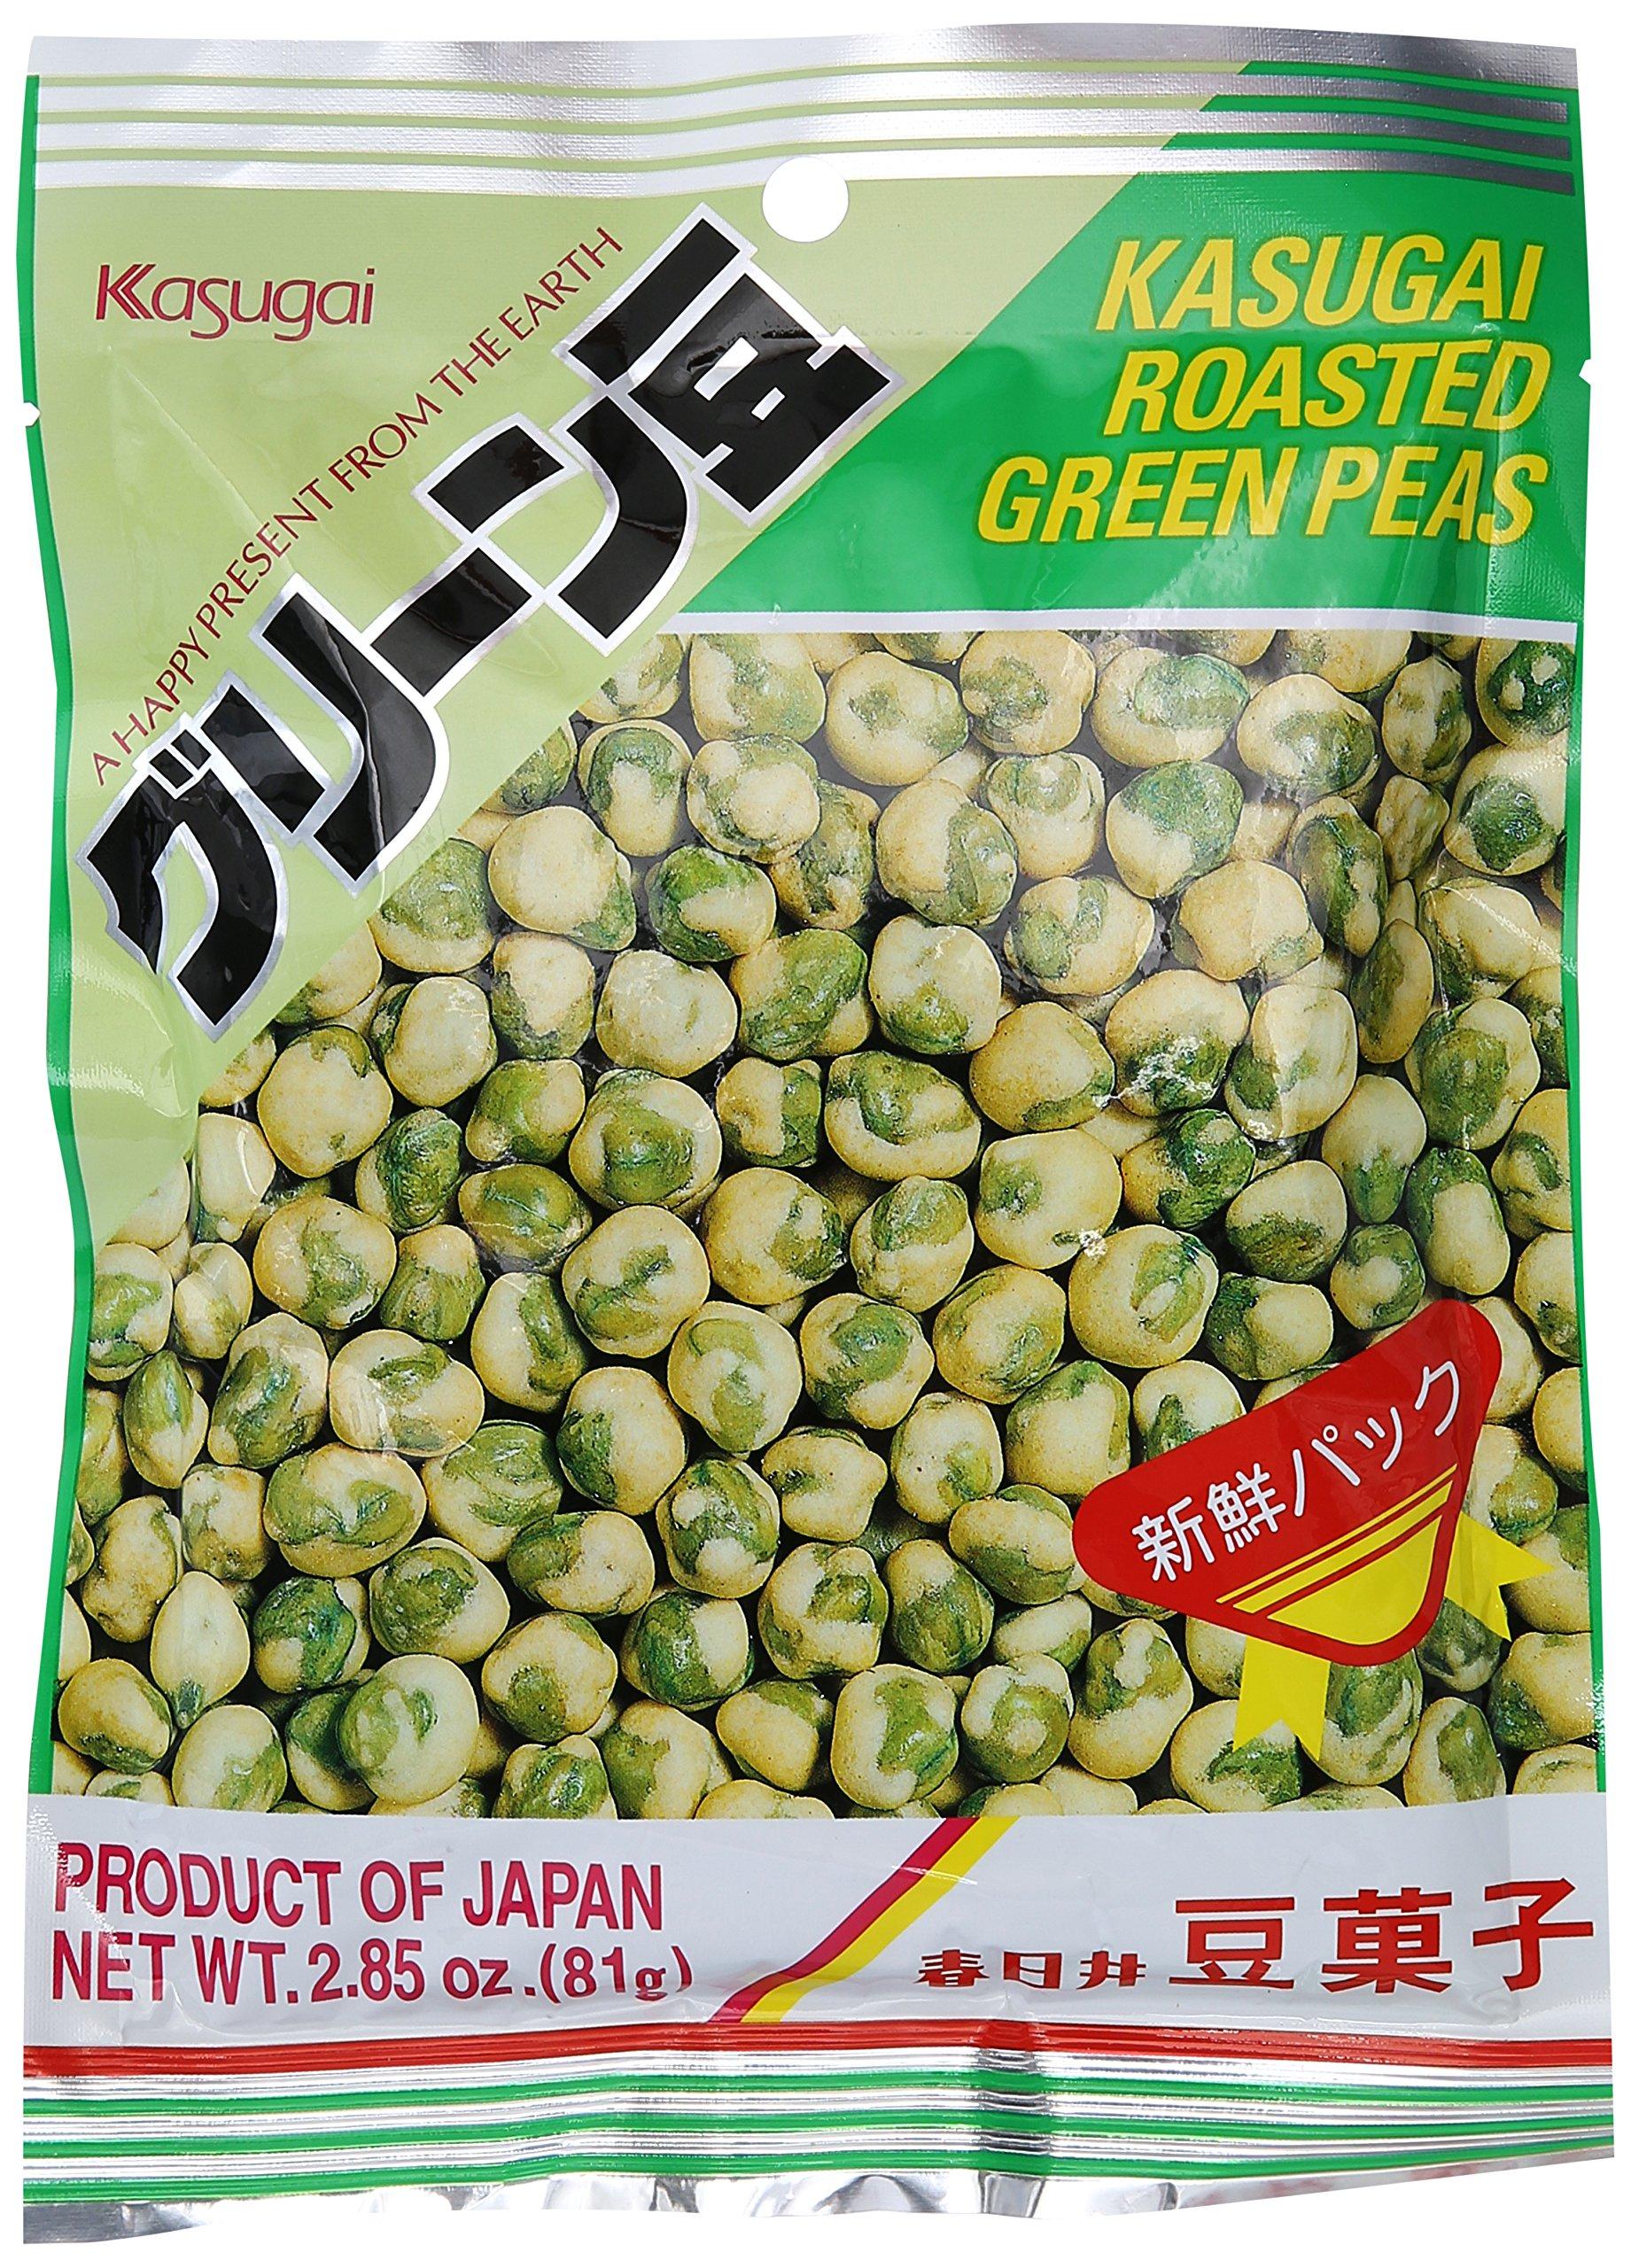 Kasugai Roasted Green Peas by Kasugai